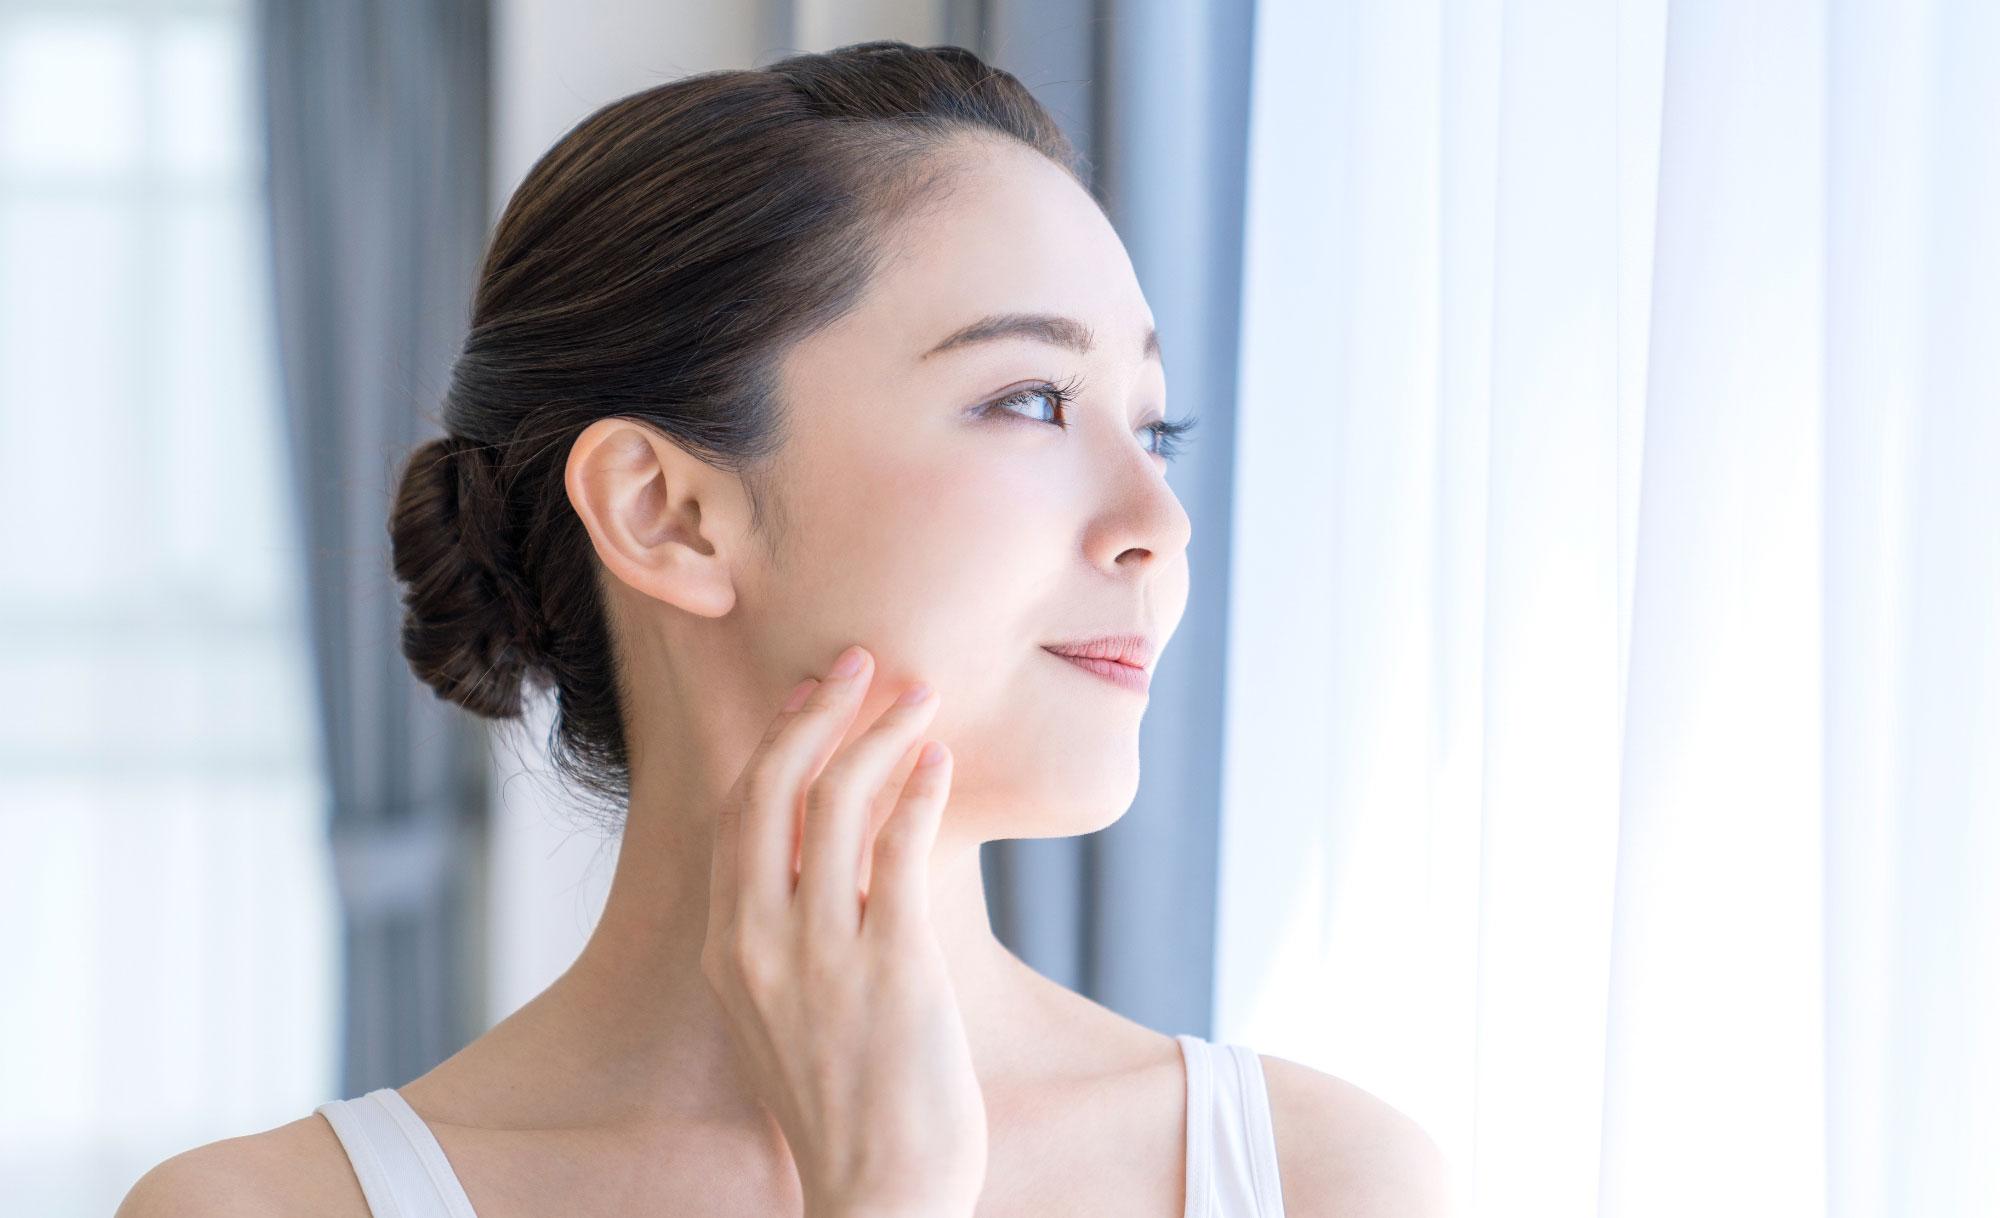 Vẻ đẹp tự nhiên chỉ có ở công nghệ Nhật Bản